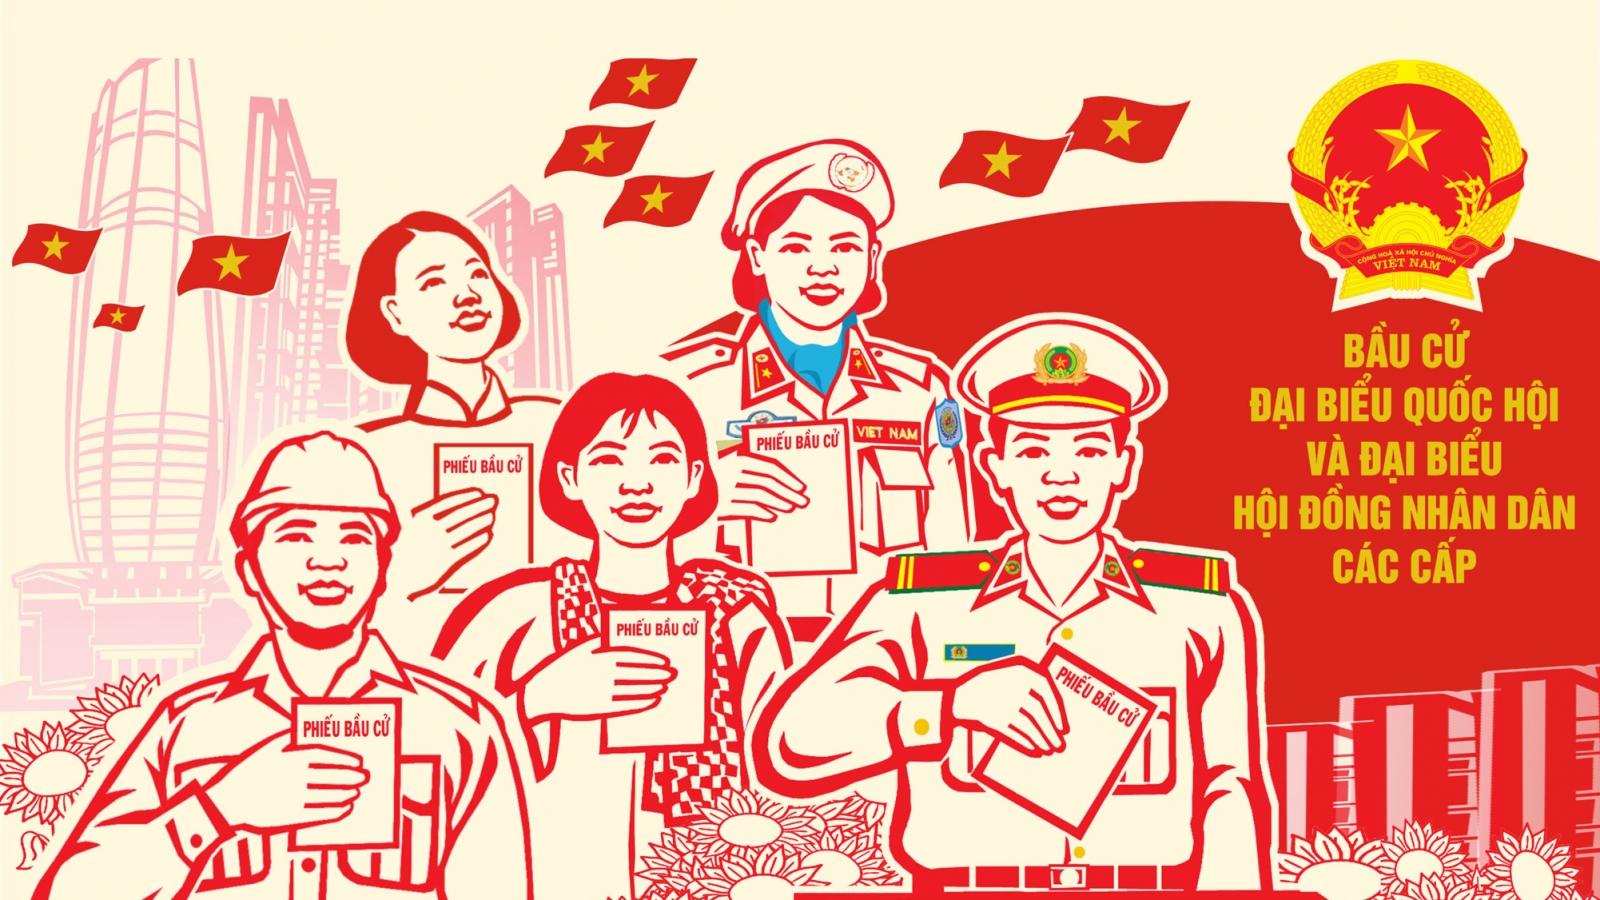 Cơ cấu người ứng cử Đại biểu Quốc hội khóa XV của cả nước